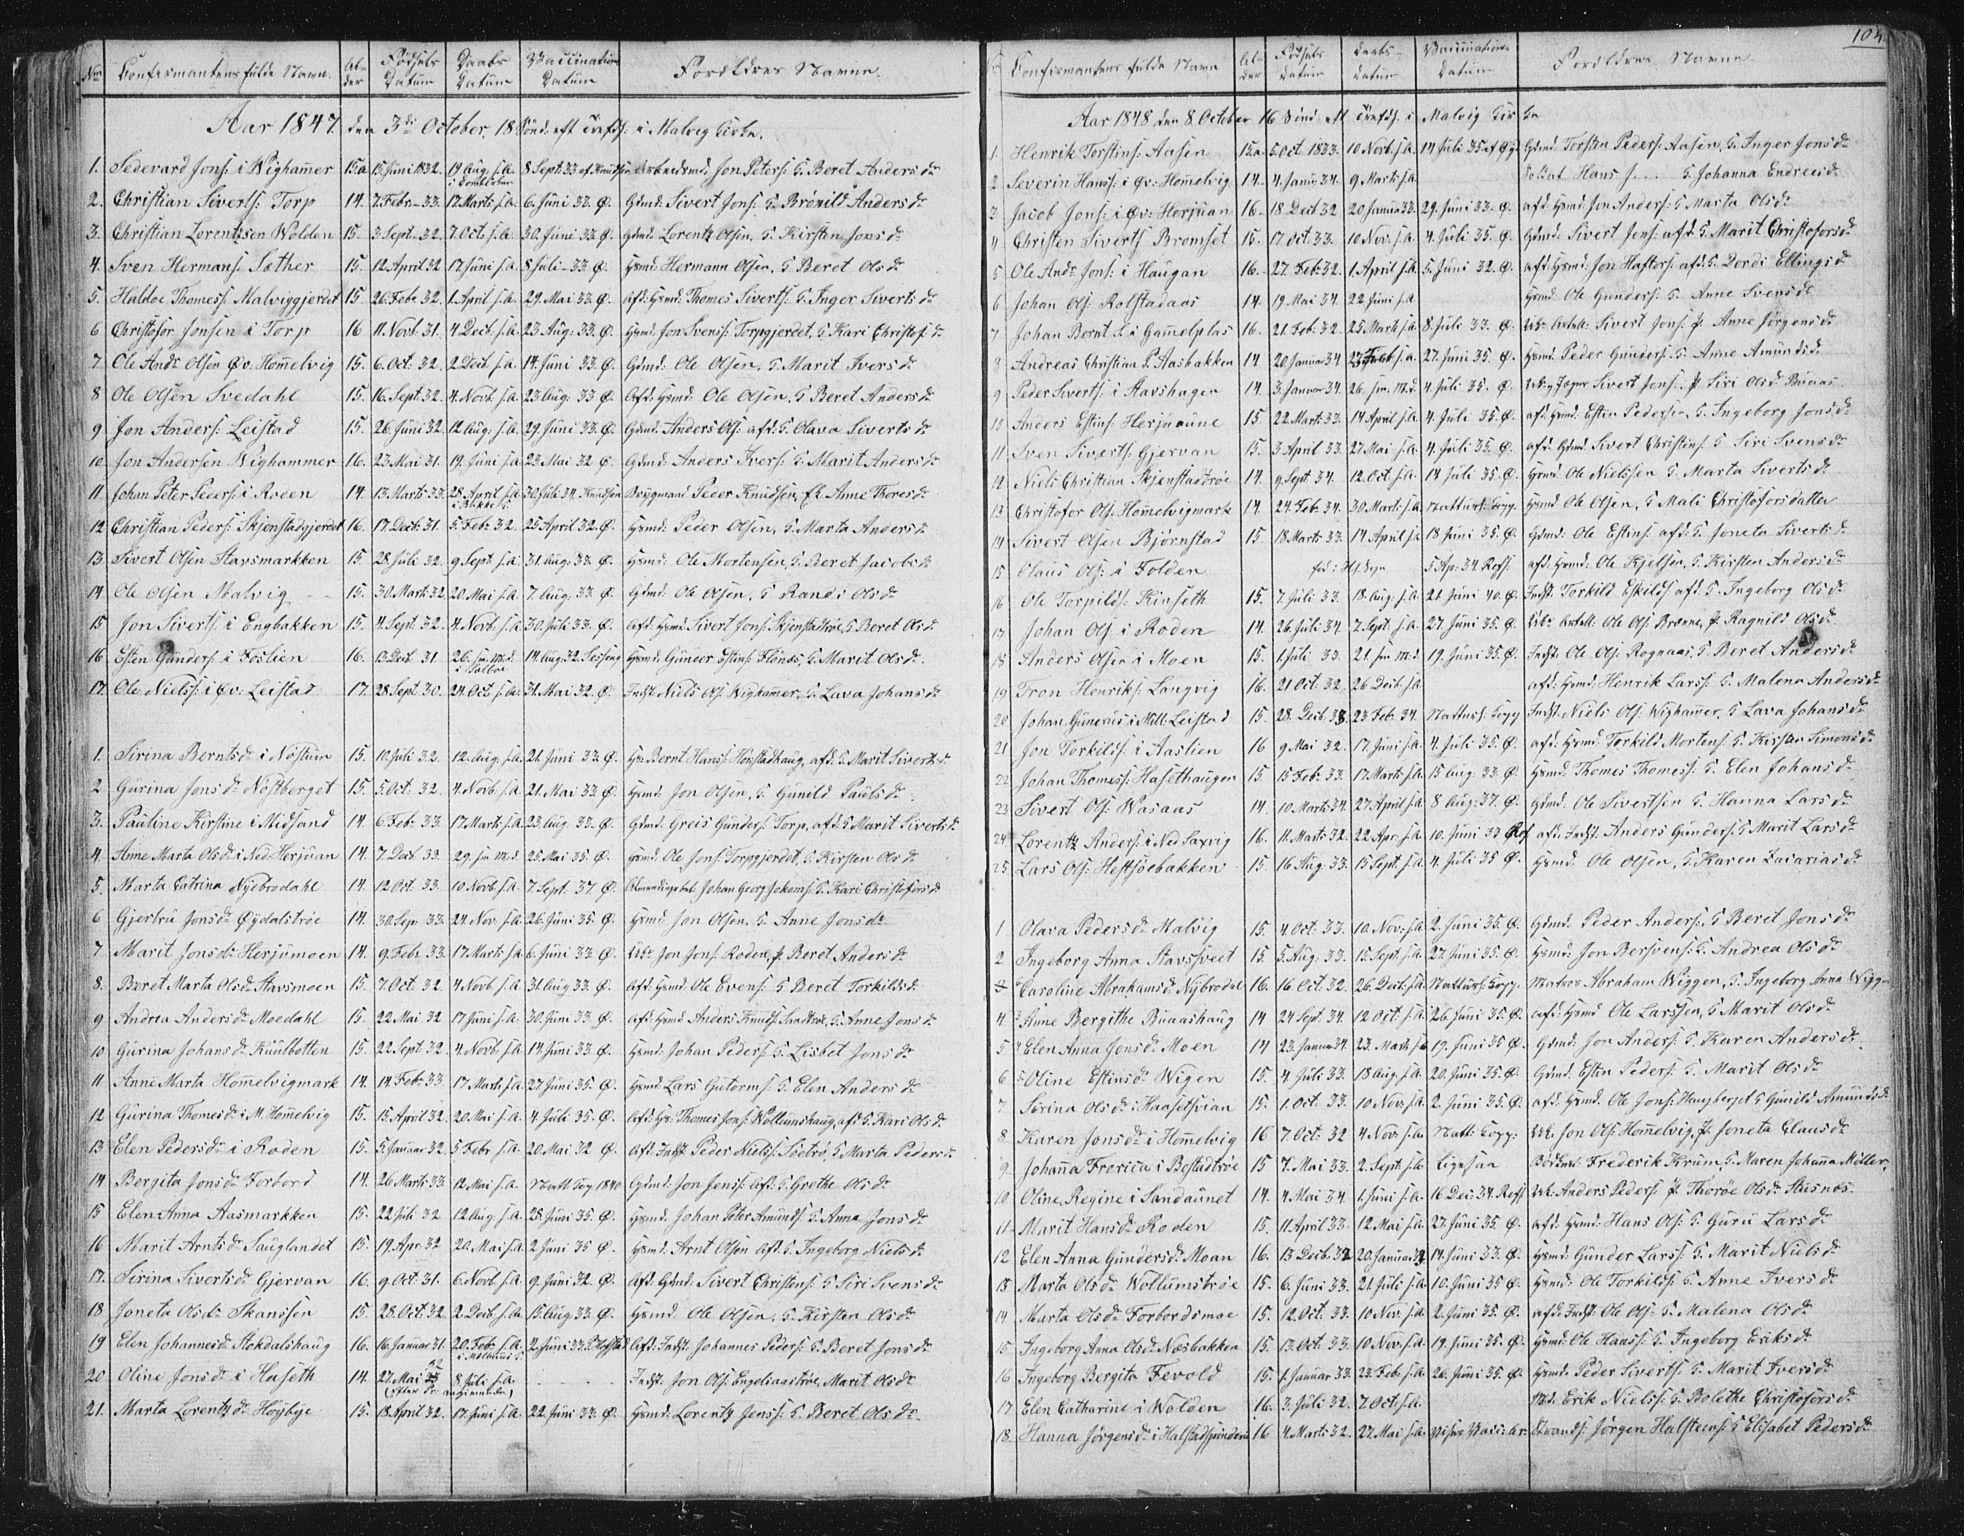 SAT, Ministerialprotokoller, klokkerbøker og fødselsregistre - Sør-Trøndelag, 616/L0406: Ministerialbok nr. 616A03, 1843-1879, s. 104